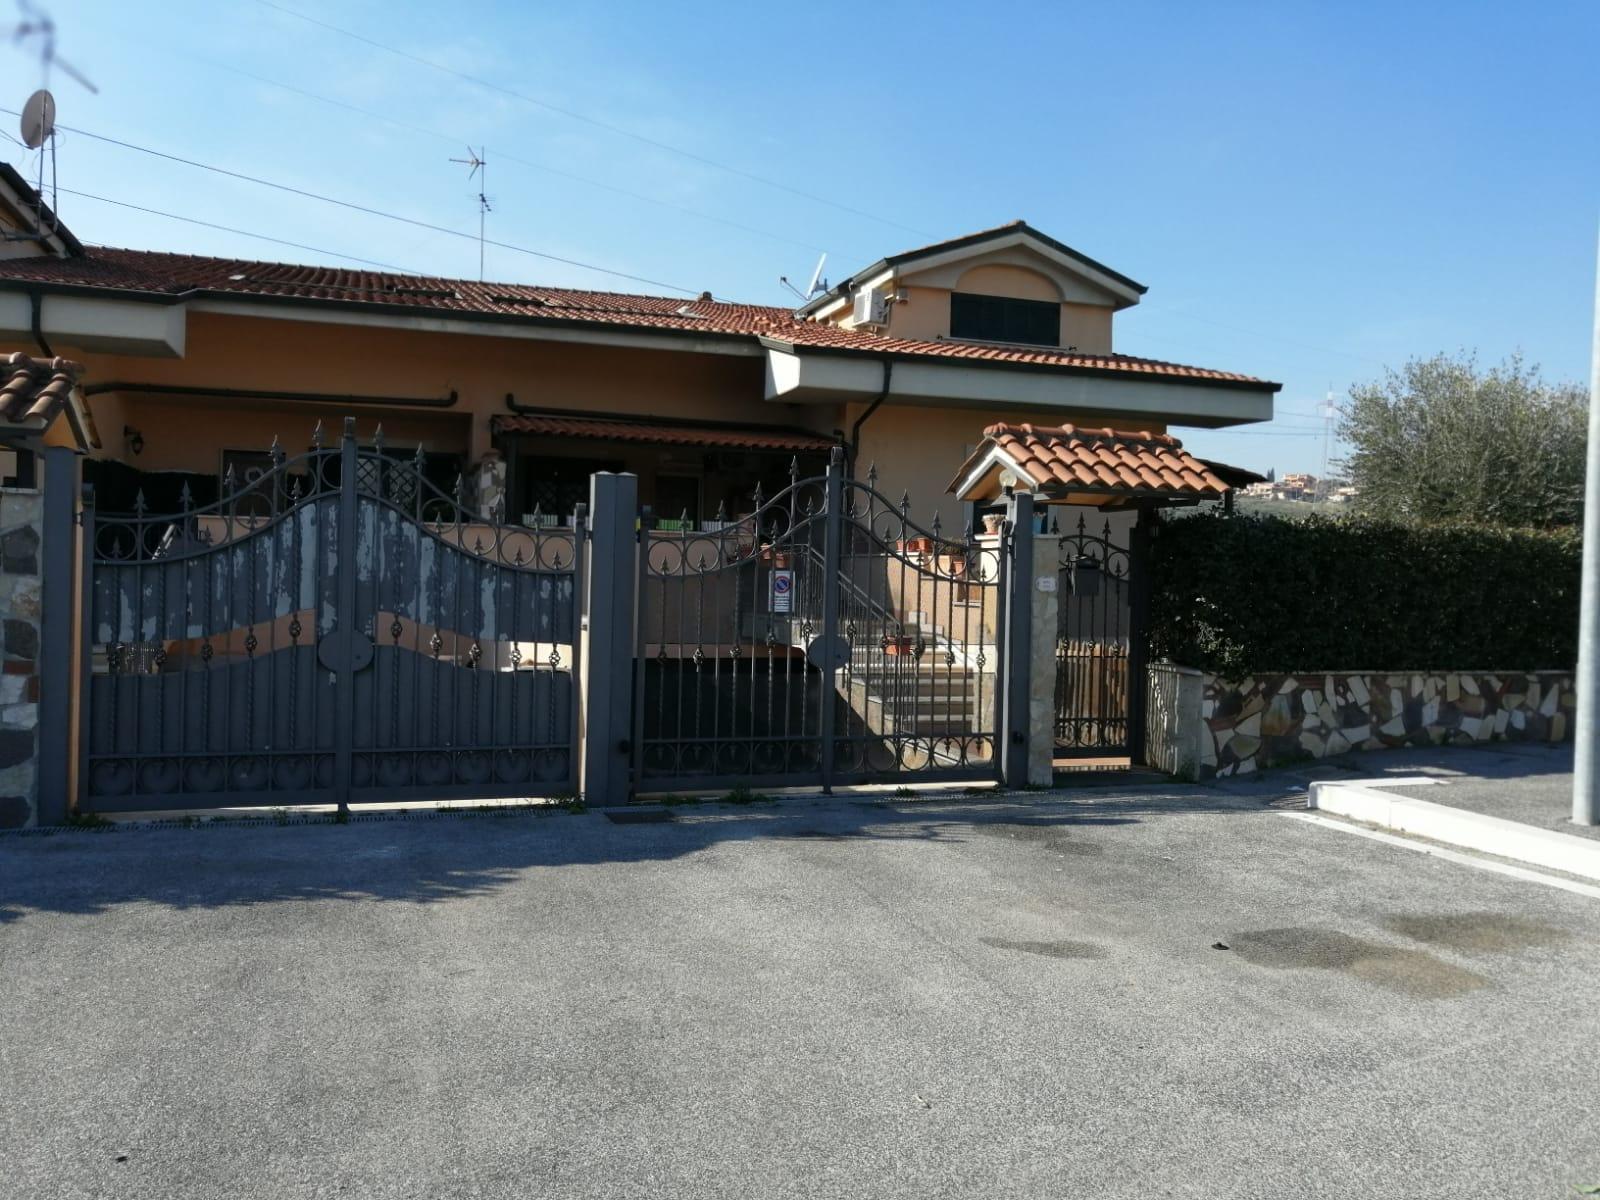 Villa in vendita a Guidonia Montecelio, 4 locali, zona Località: MarcoSimone, prezzo € 309.000 | CambioCasa.it